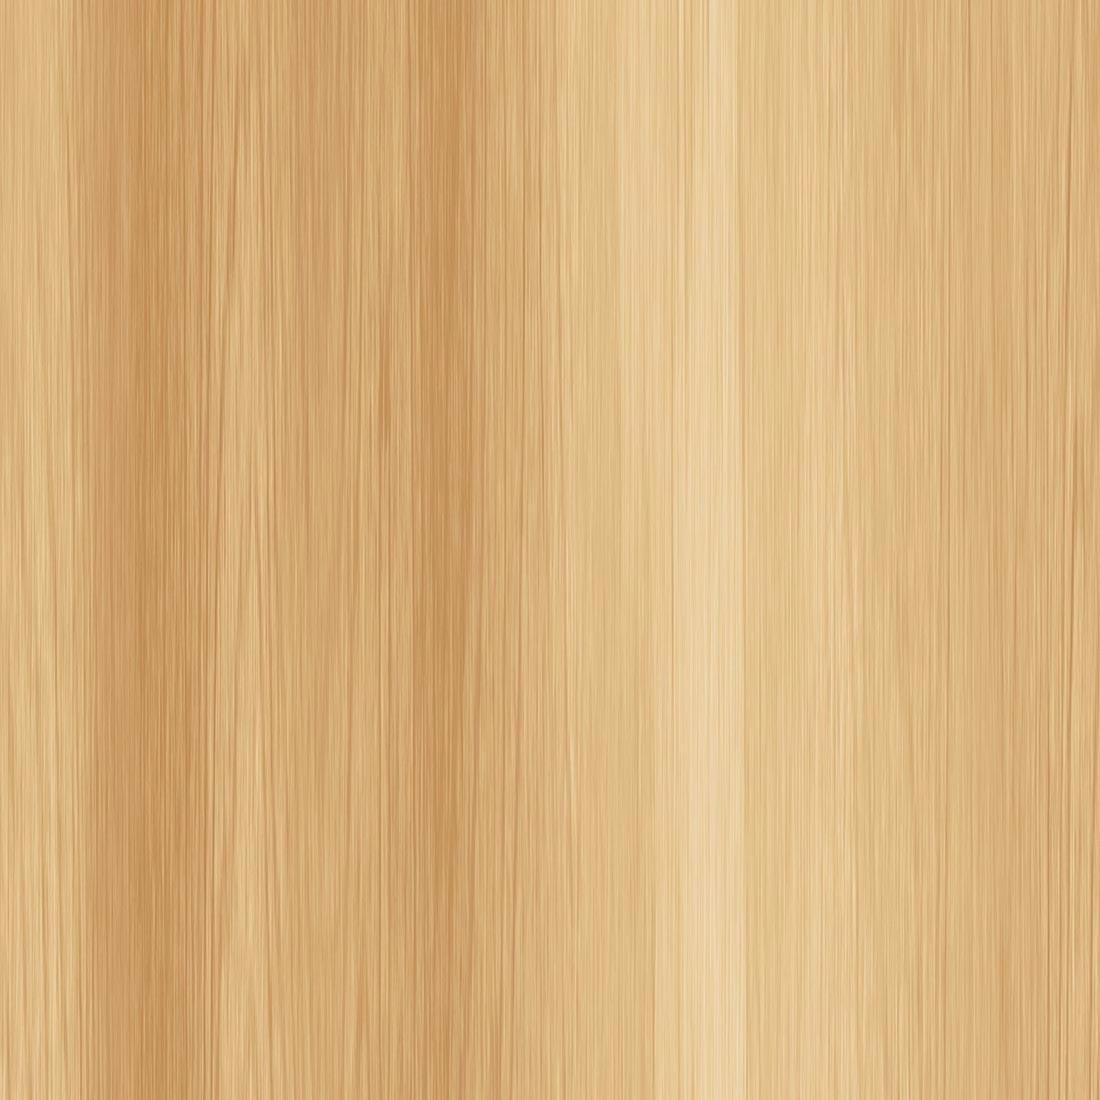 Armario Lavadora Exterior ~ Papel De Parede Madeira Carvalho Branco Adesivo Fosco R$ 45,00 em Mercado Livre